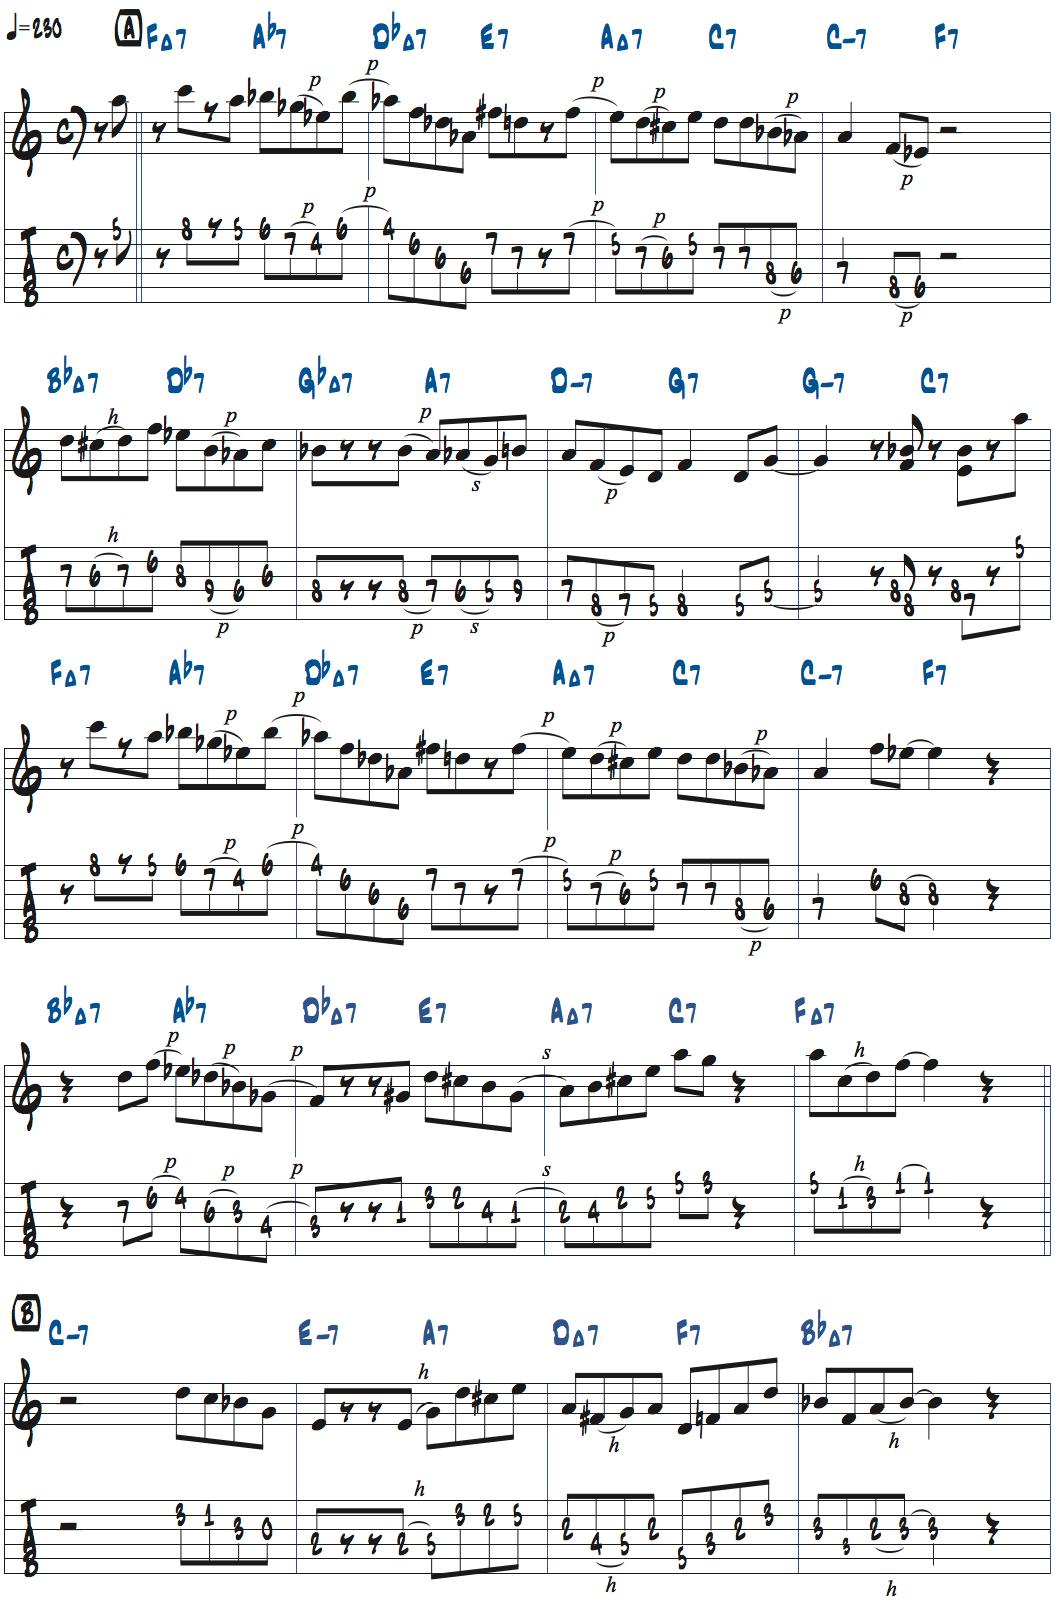 カート・ローゼンウィンケル「26-2」メロディタブ譜付きギタースコア楽譜ページ1